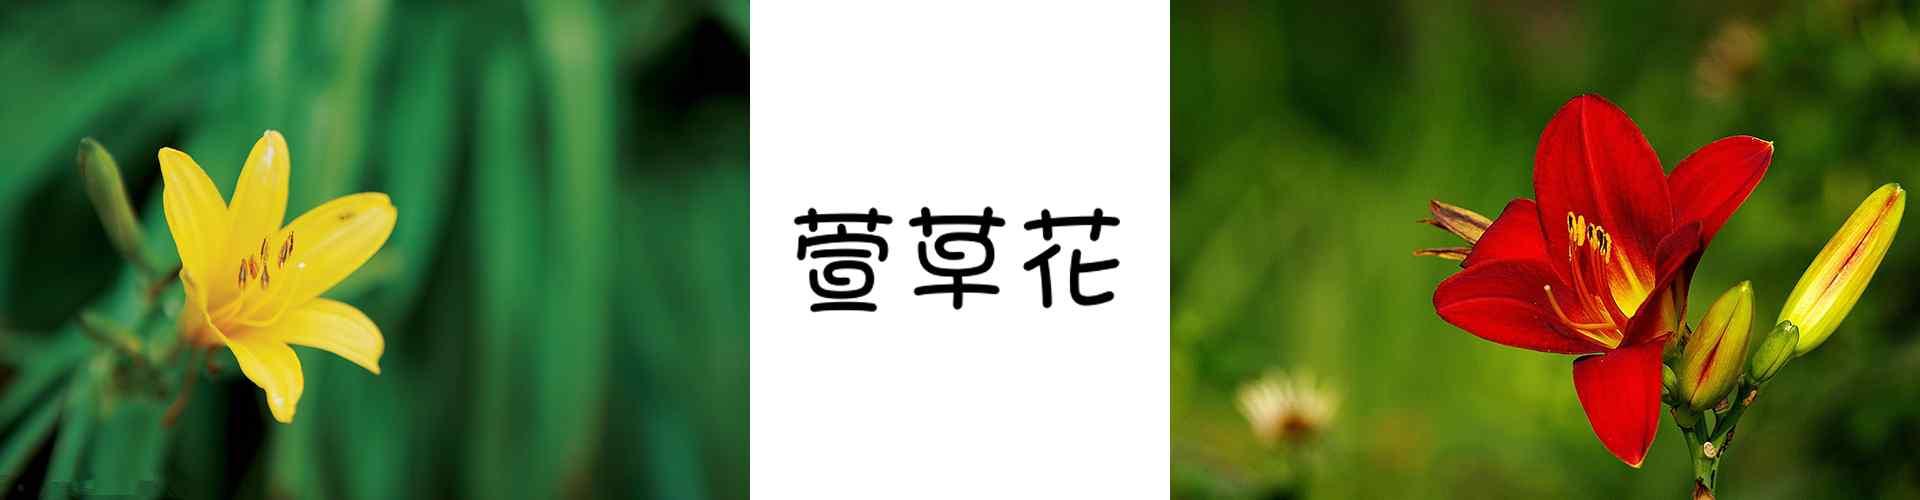 萱草_大萱草花_萱草花花語寓意_鮮花圖片大全_植物壁紙